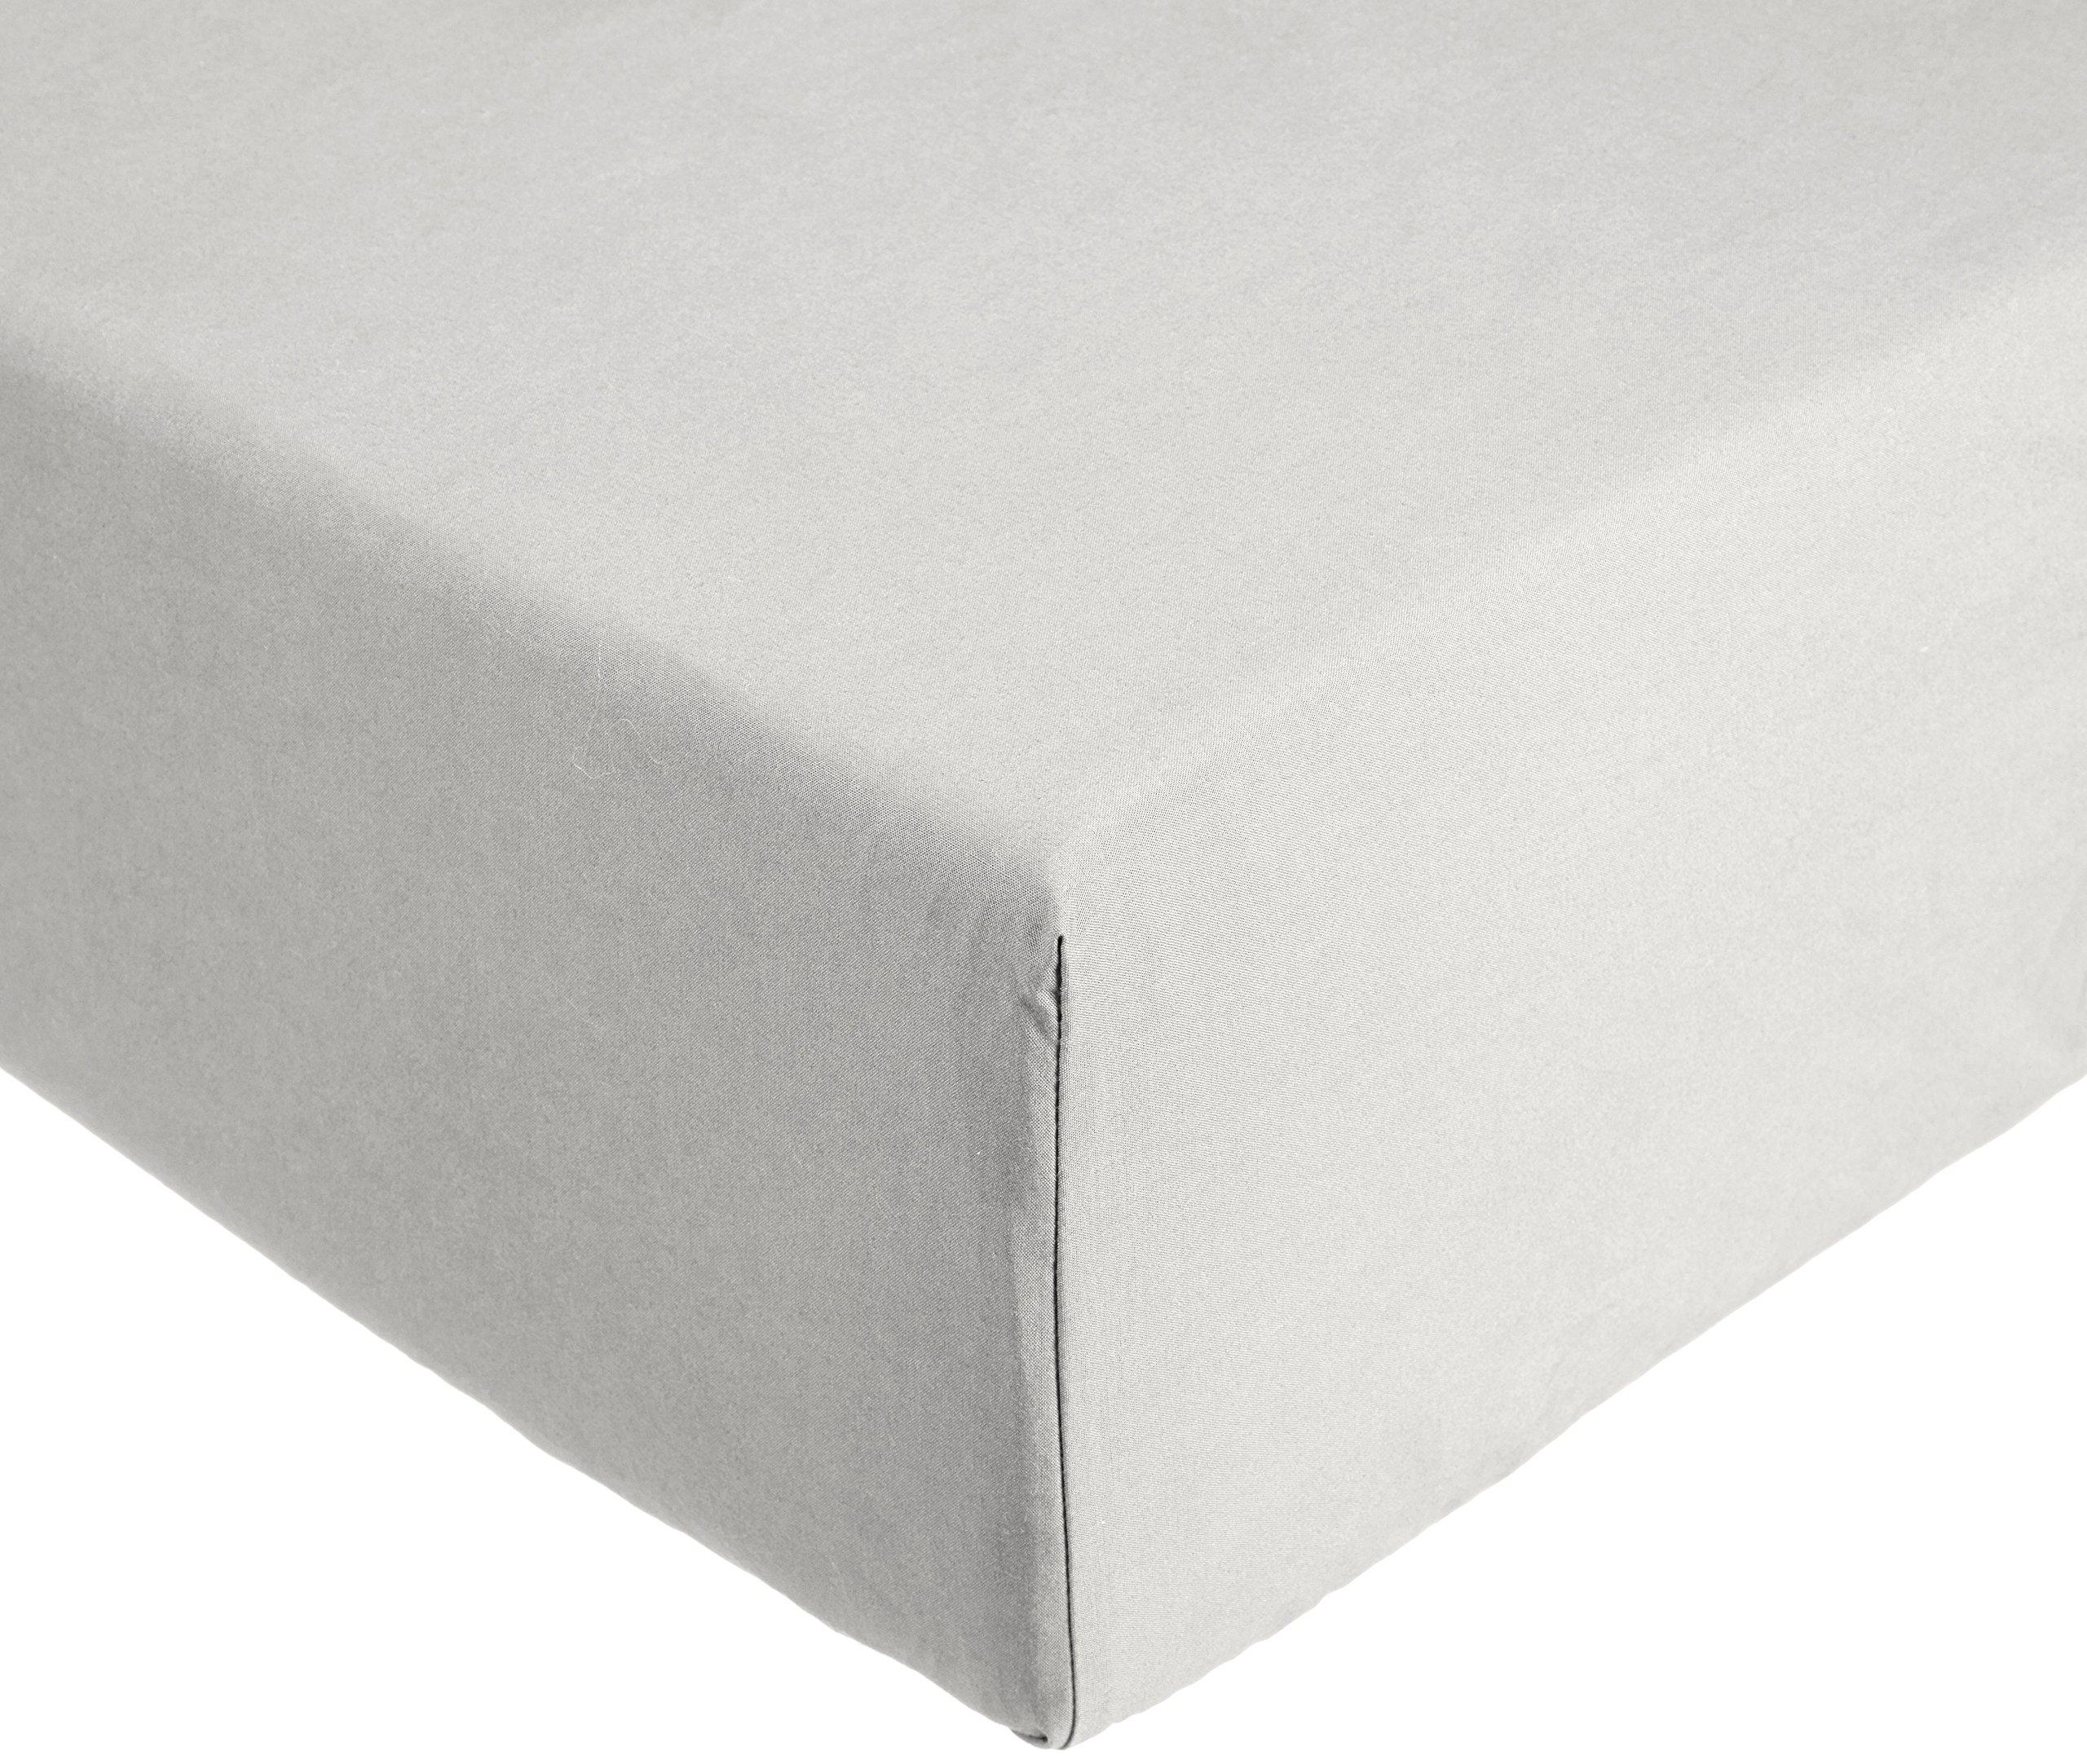 AmazonBasics Everyday - Sábana bajera ajustable (100% algodón) Gris claro - 135 x 190 x 30 cm: Amazon.es: Hogar